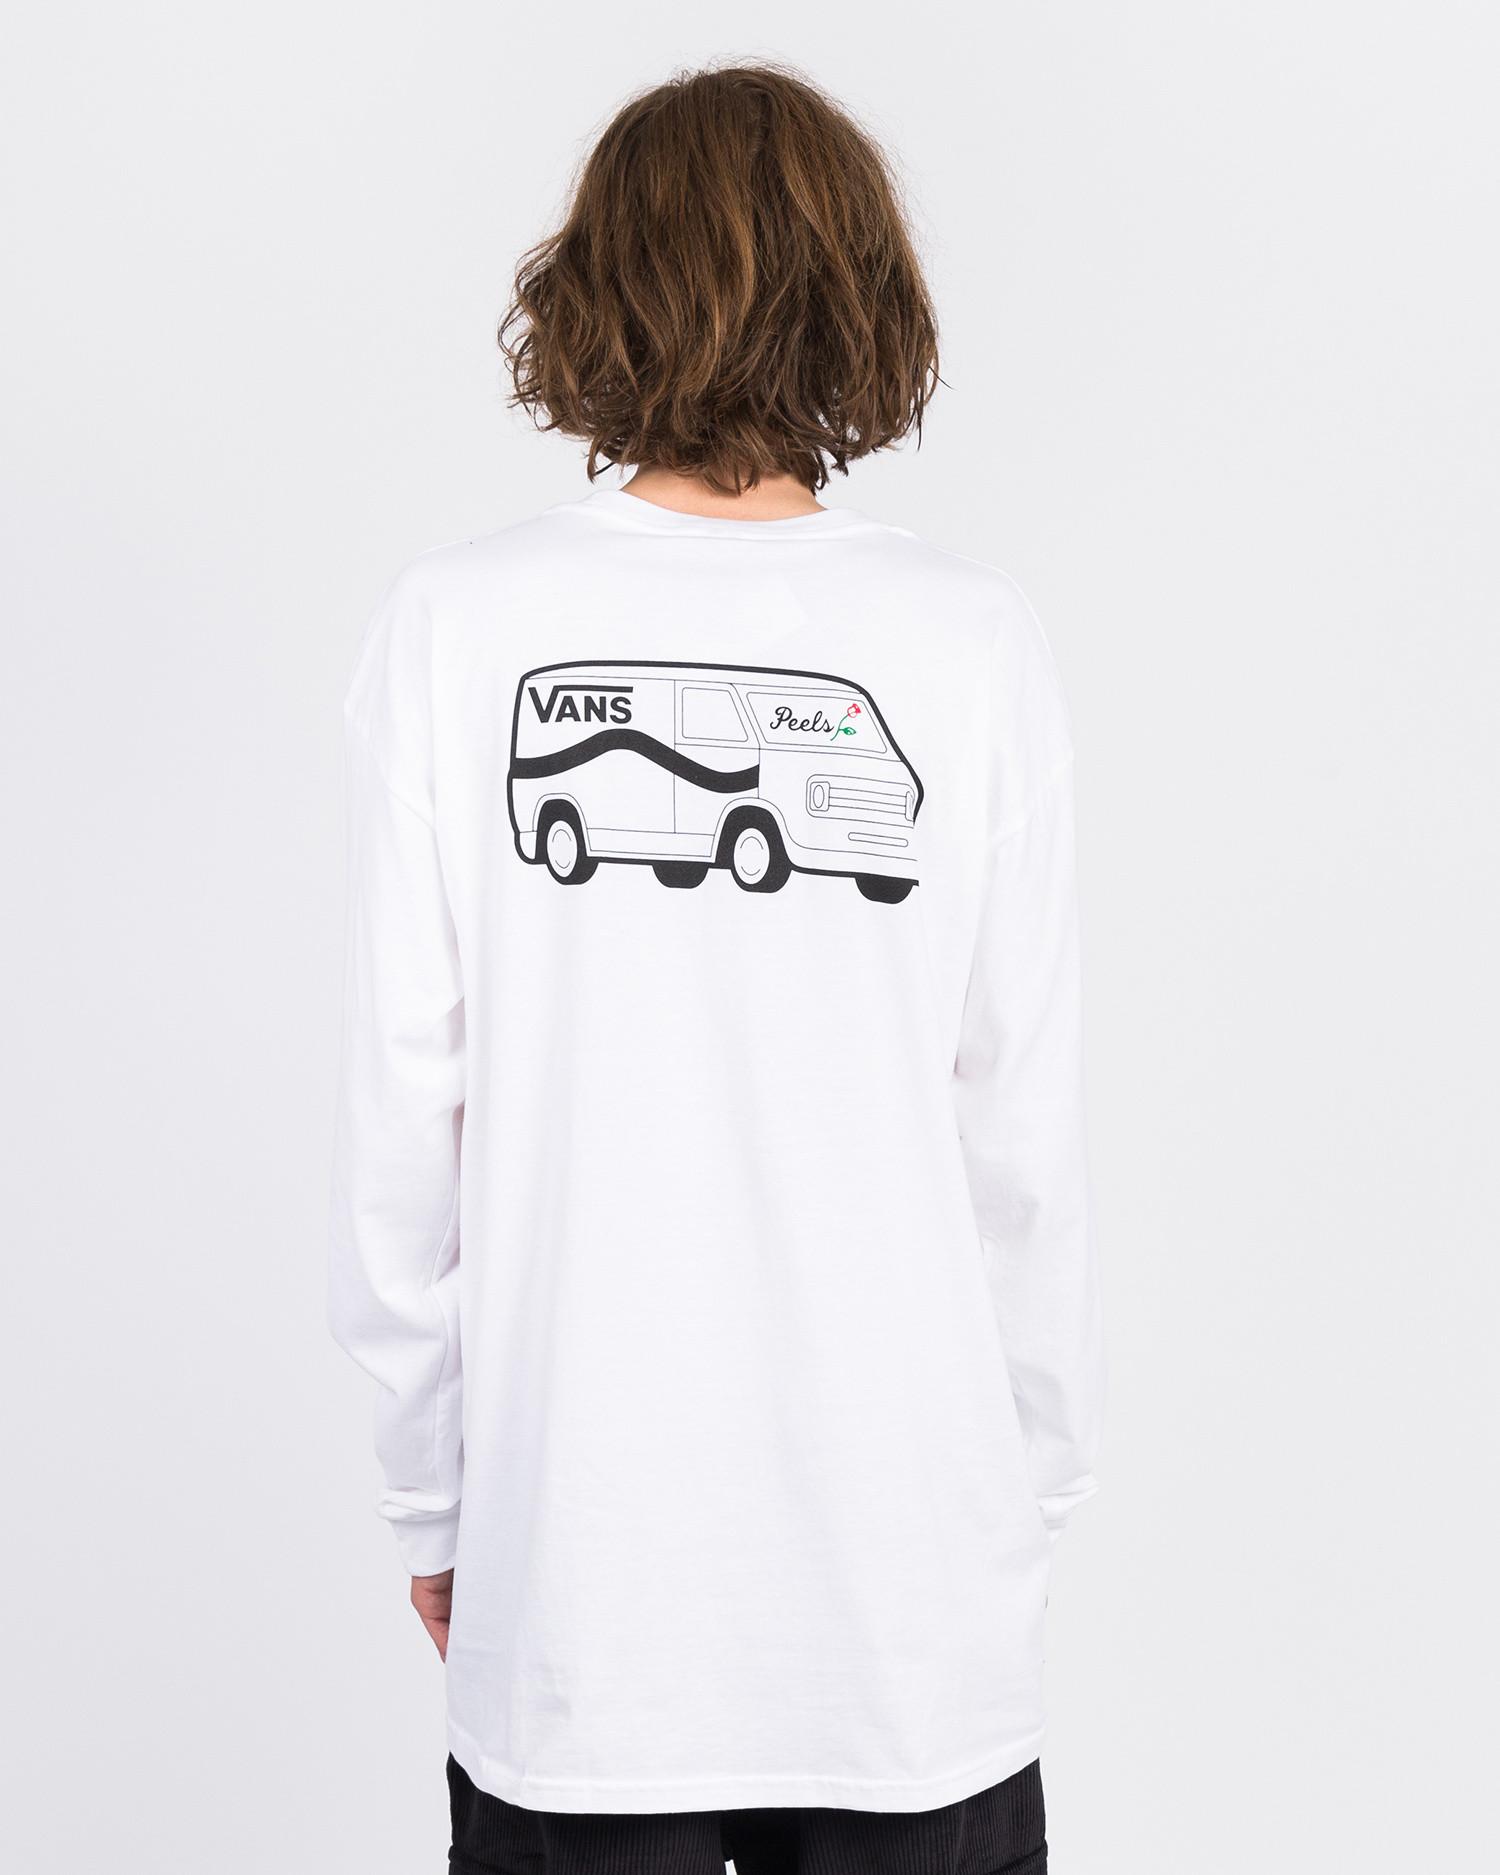 Vans X Peels Longsleeve White